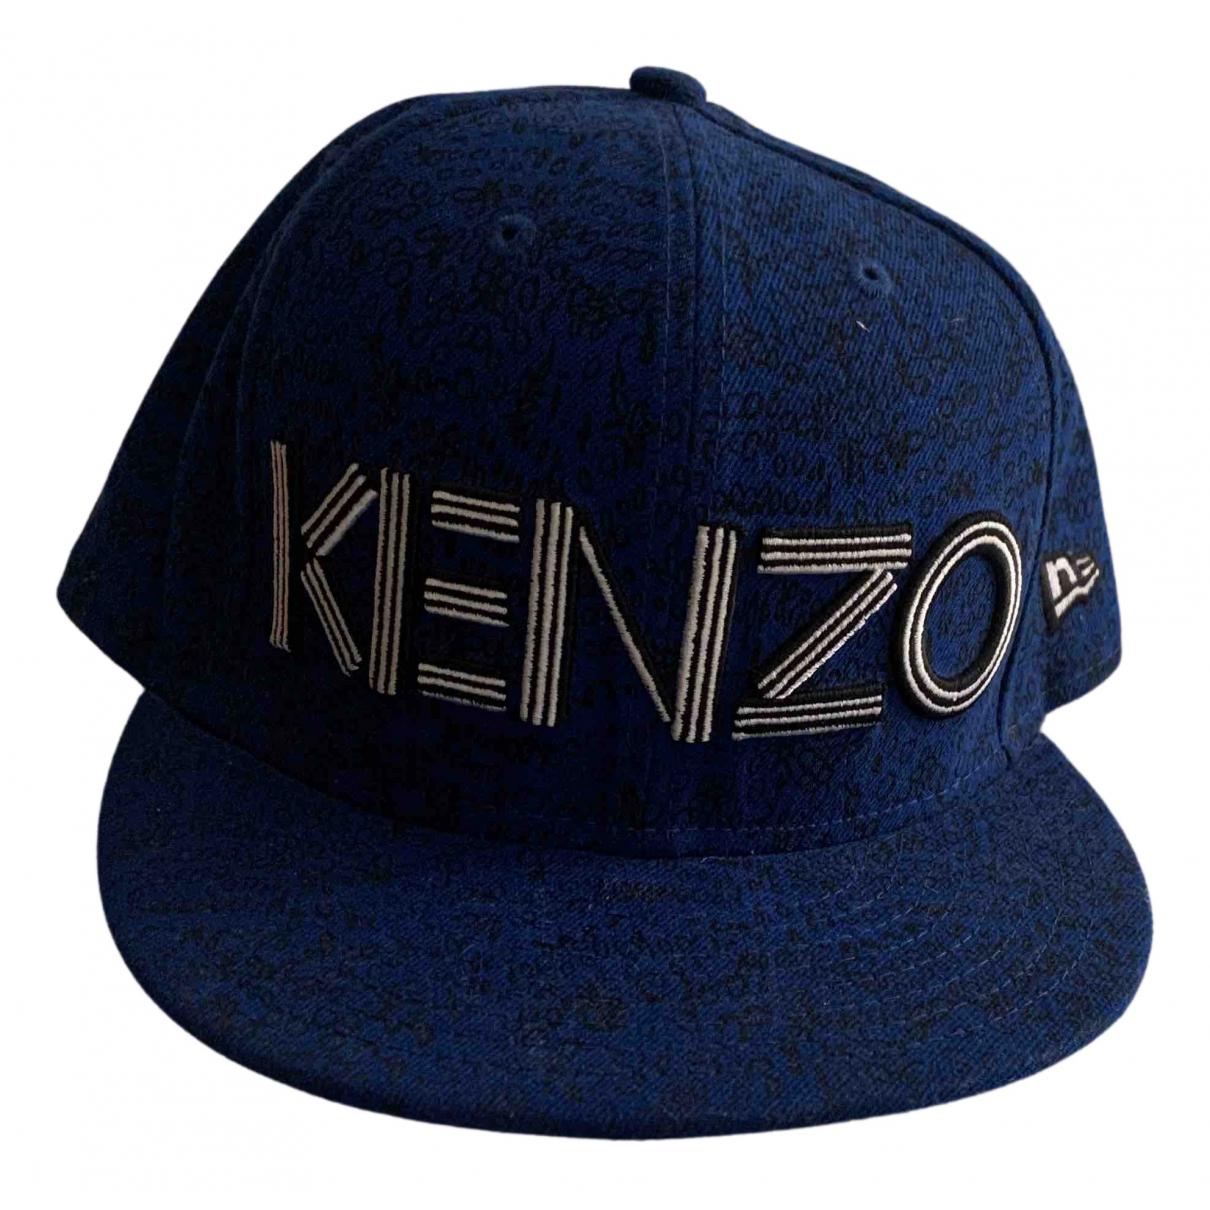 Kenzo N Blue hat & pull on hat for Men 59 cm